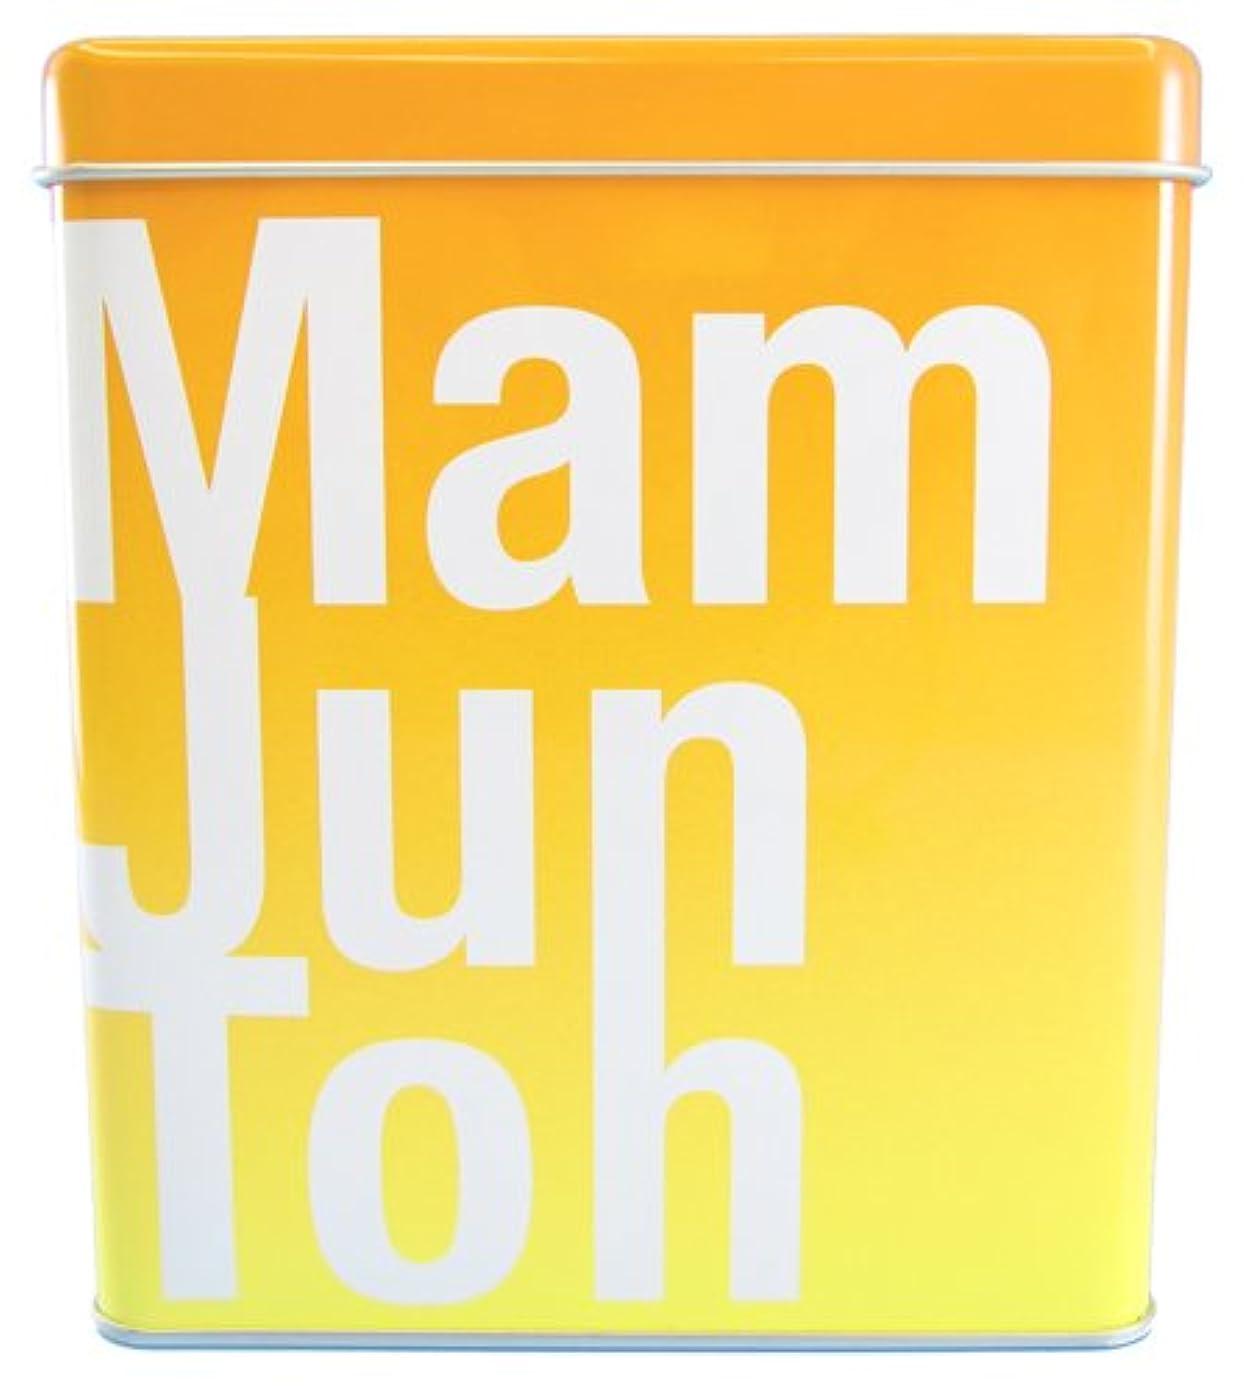 埋め込むストレスの多いサルベージ蔓潤湯 椿 パラダイス山元責任監修 薬用入浴剤 天然ビターオレンジの香り 750g